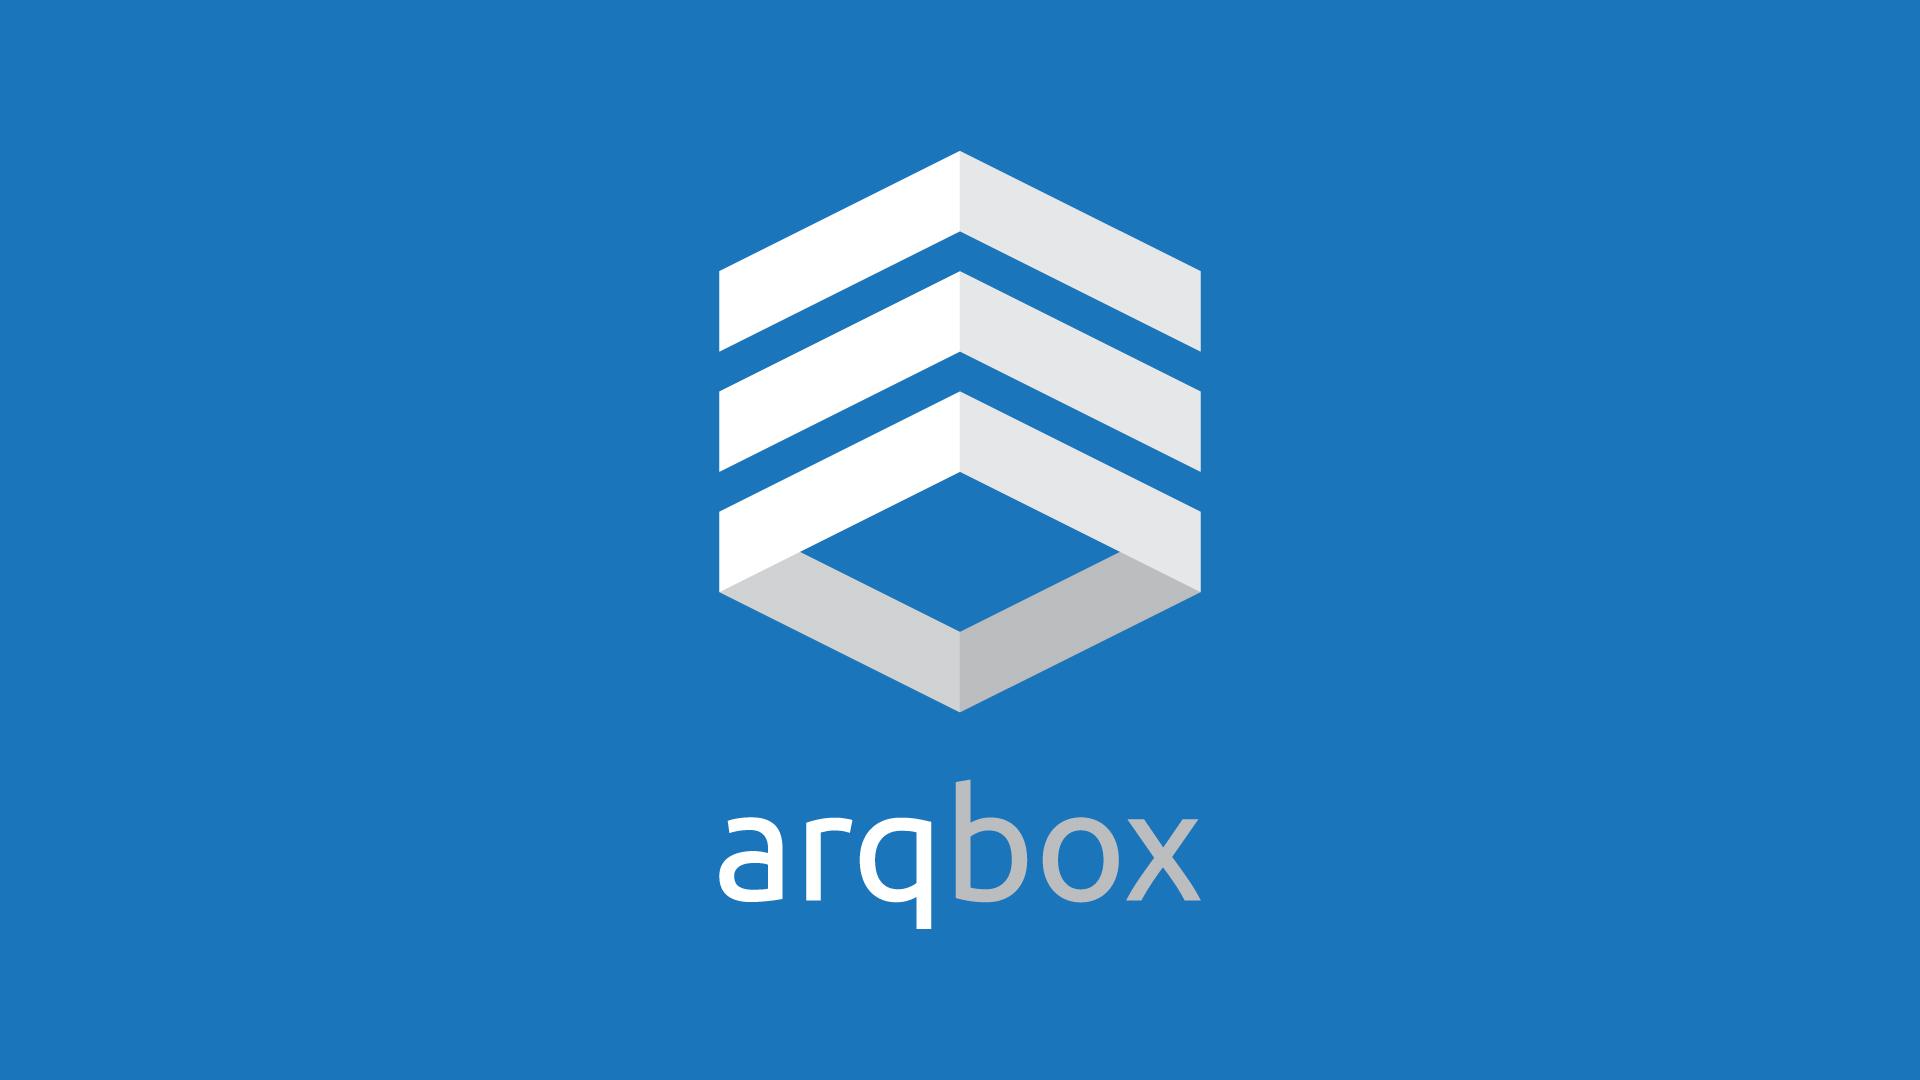 Arqbox